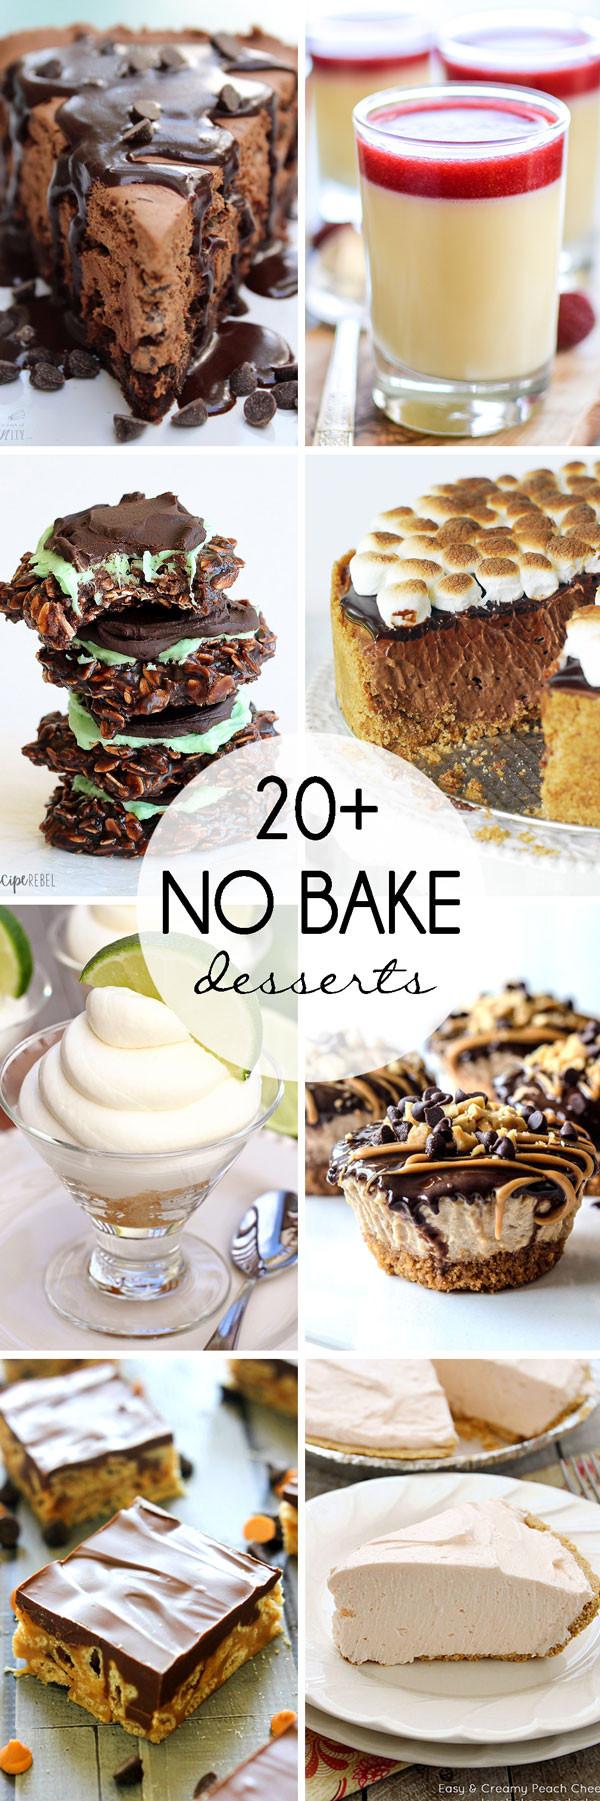 No Bake Desserts For Summer  20 No Bake Desserts for Summer